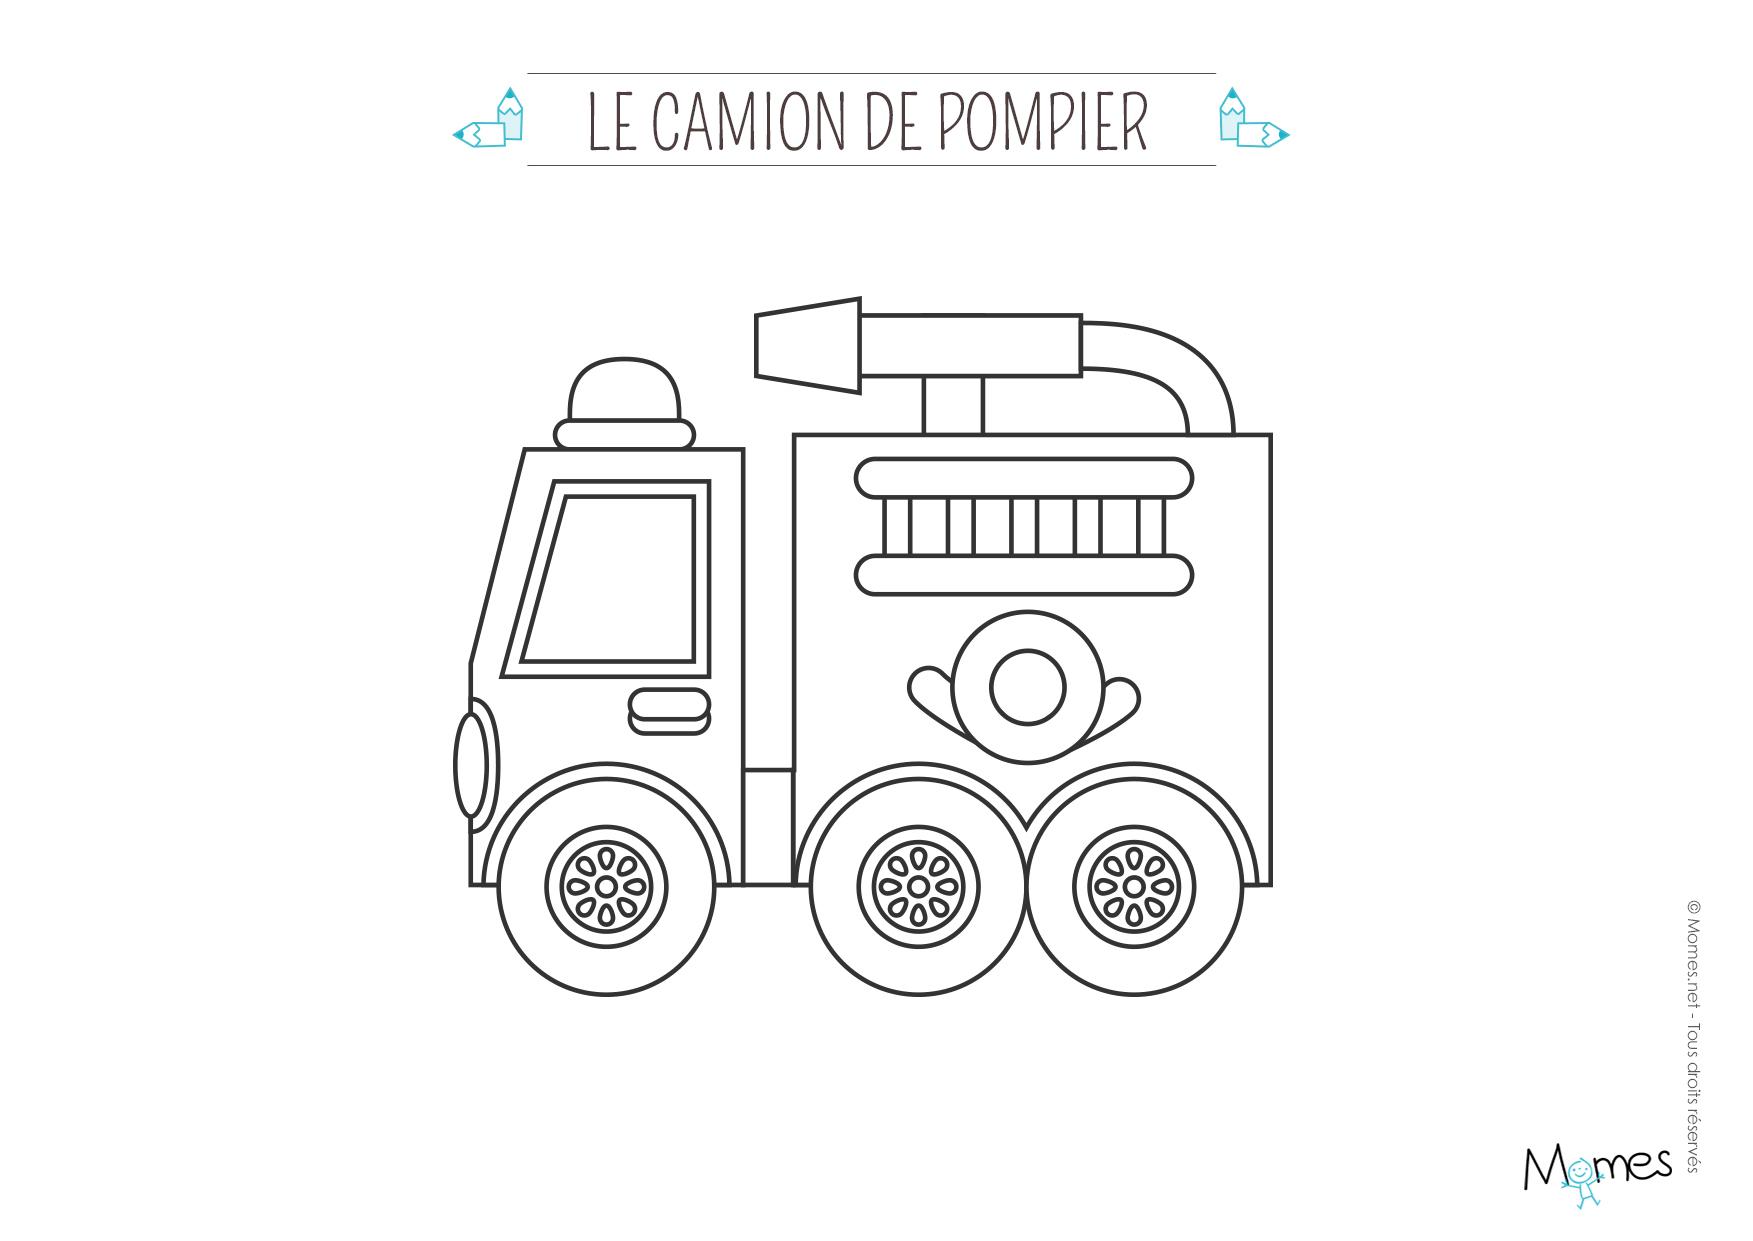 Camion De Pompier #50 (Transport) – Coloriages À Imprimer encequiconcerne Coloriage Pompier A Imprimer Gratuit